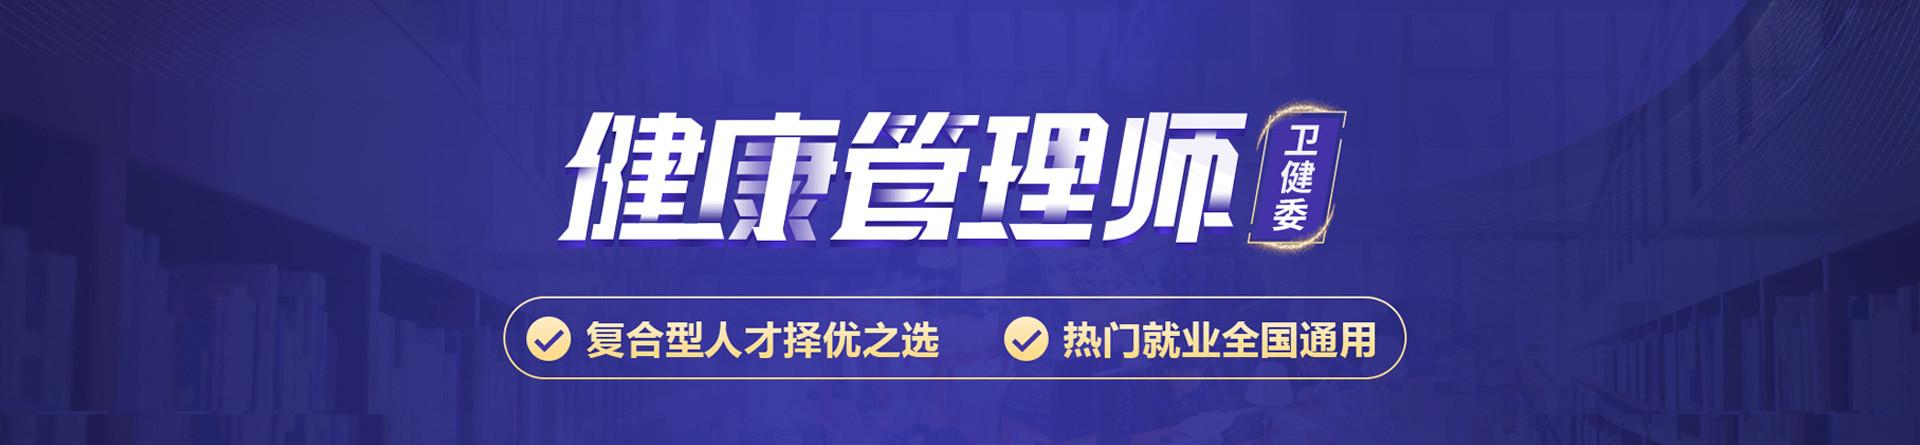 广东广州市越秀区华乐路学天教育培训